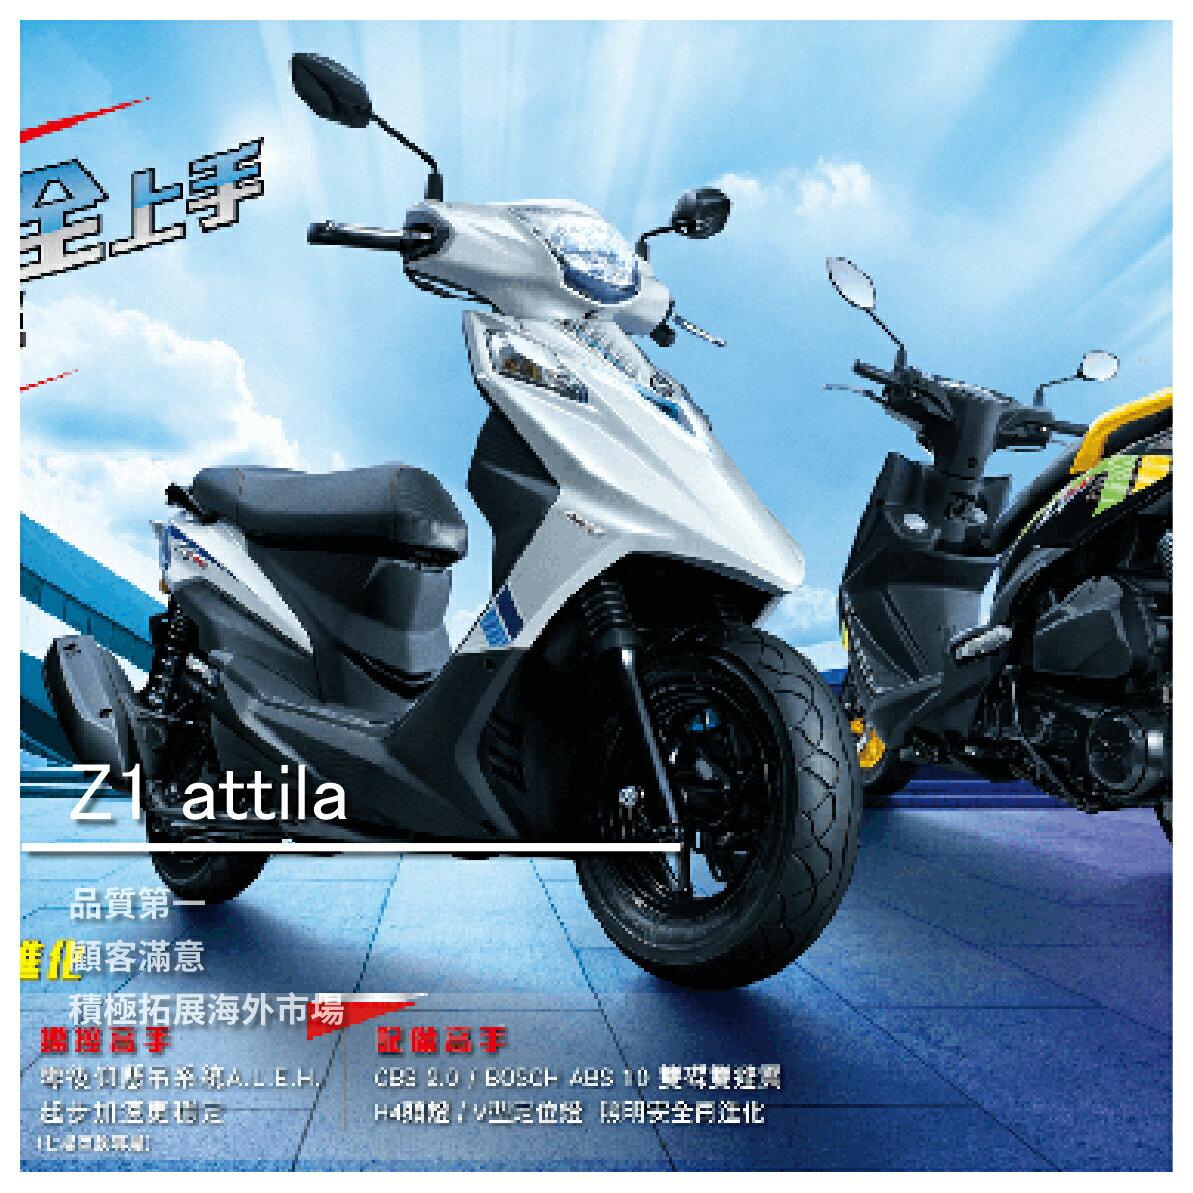 【SYM三陽機車-鋐安車業】 Z1 attlia/75000起